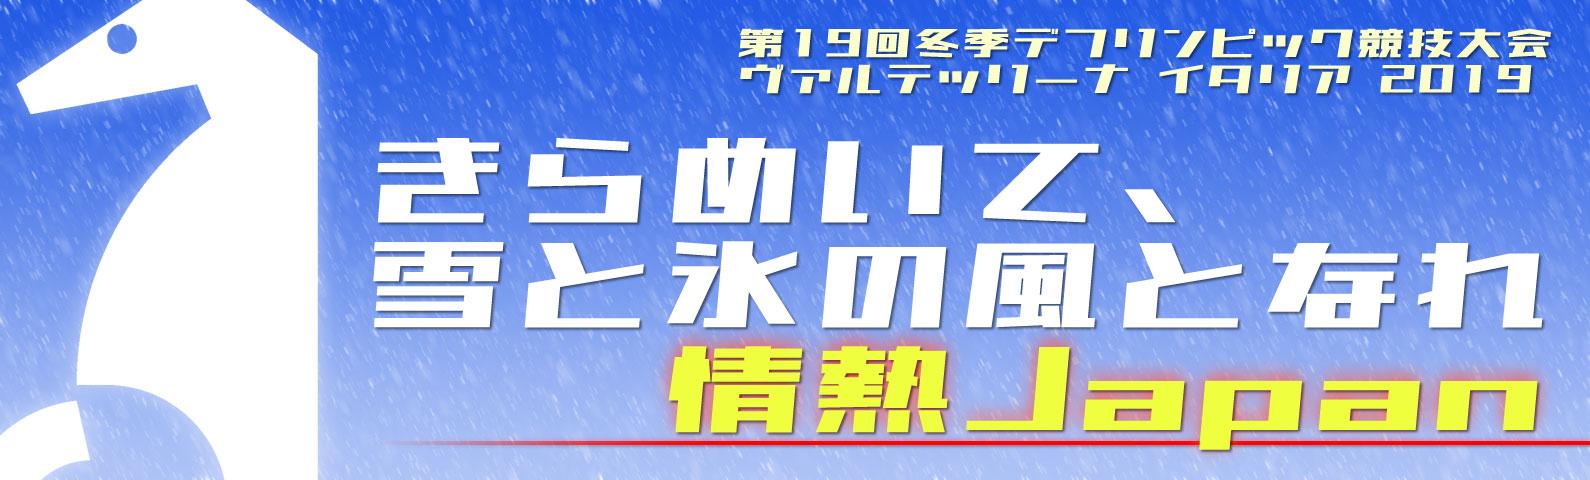 きらめいて、雪と氷の風となれ 情熱Japan